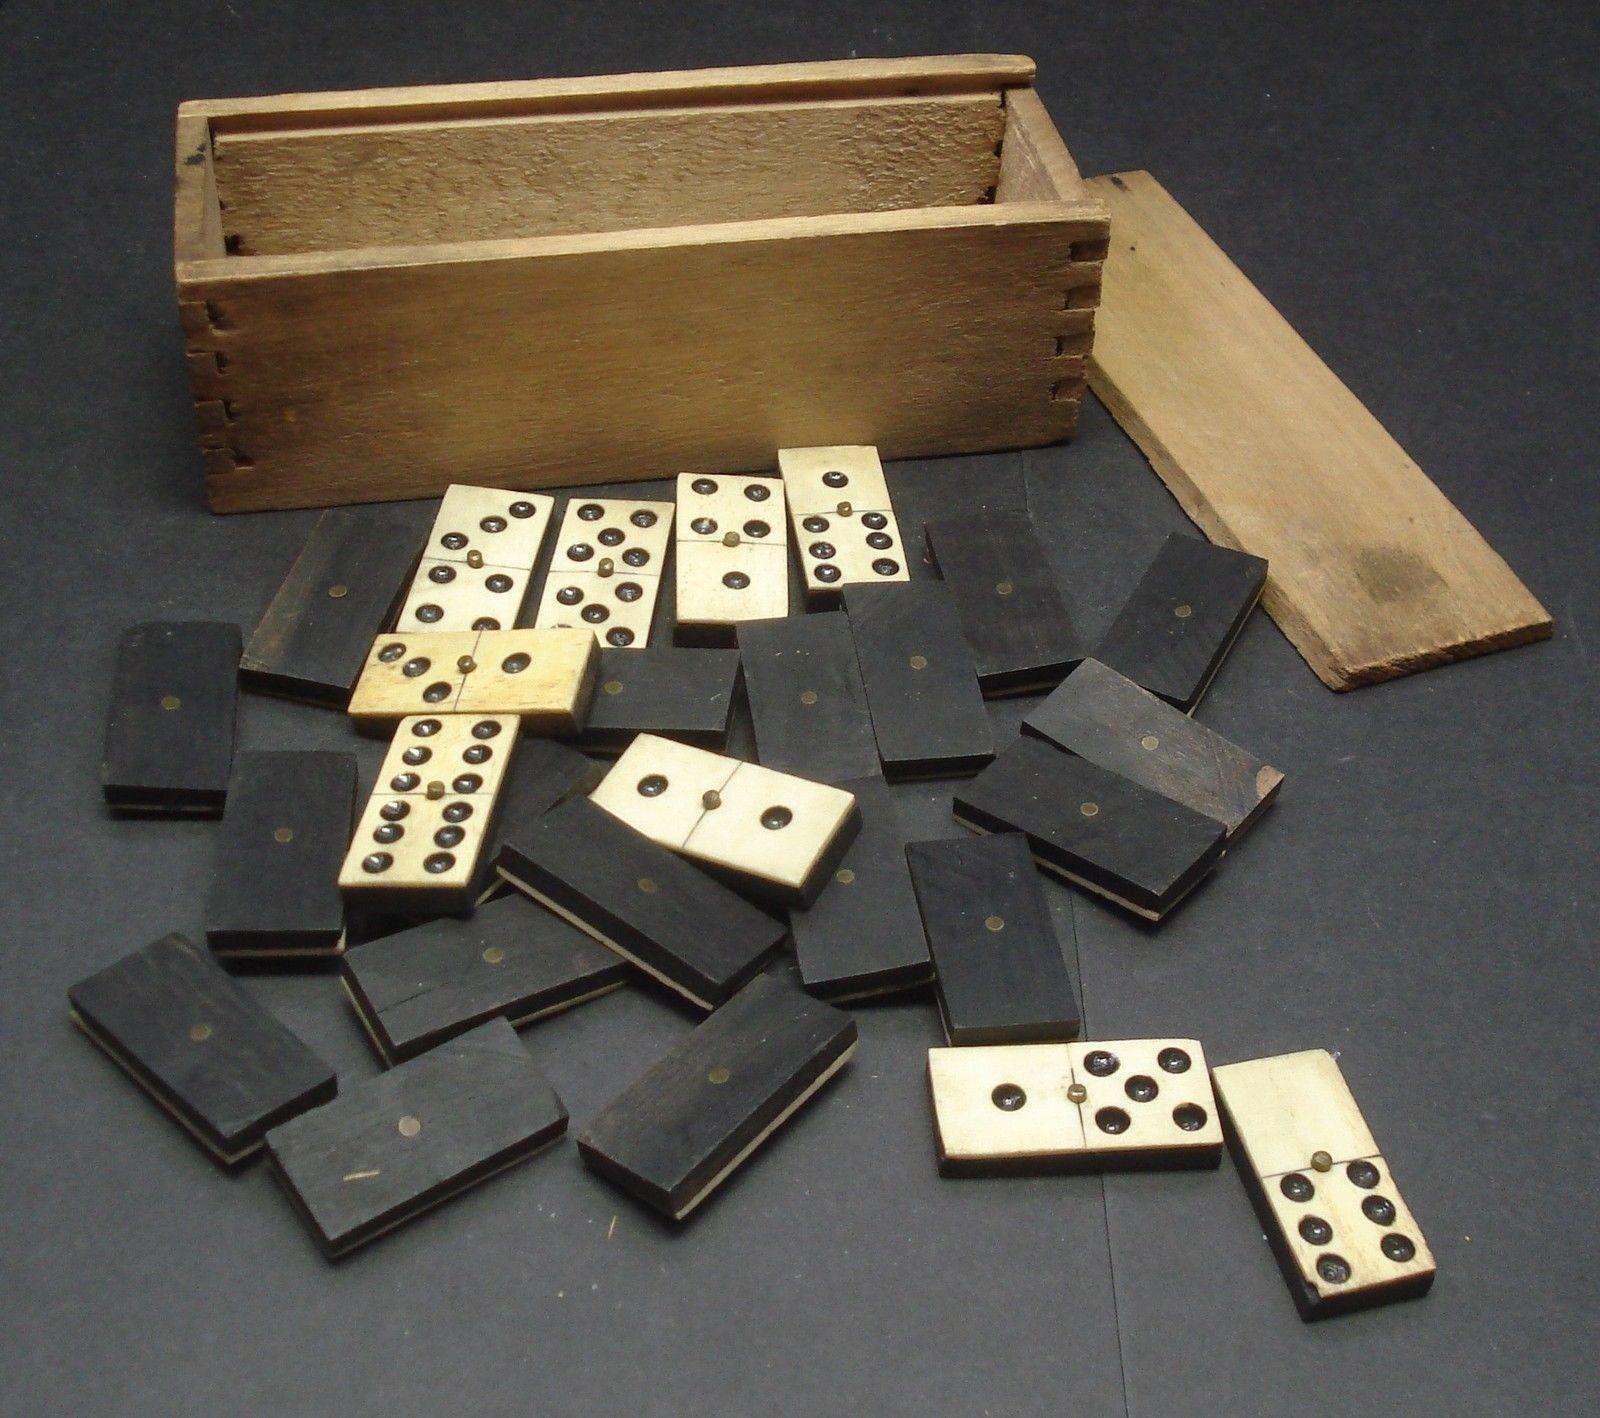 Antiguo Vintage Ébano & Bone Dominos - 30-en Caja De Madera Circa década de 1900